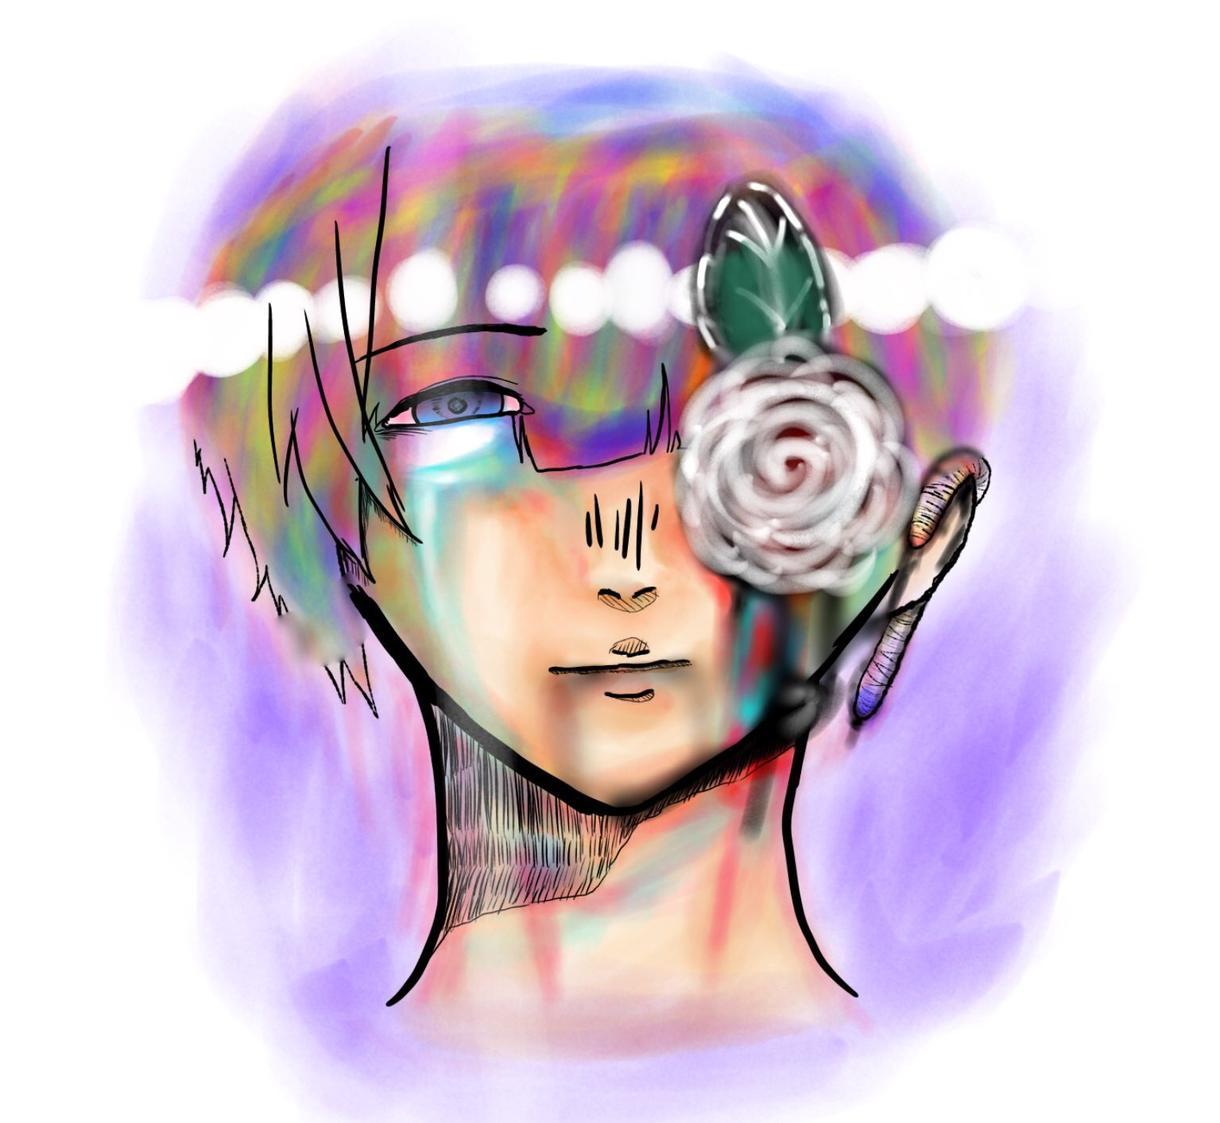 イメージで抽象絵を描きます イメージを作り、どんな用途にもあわせます。